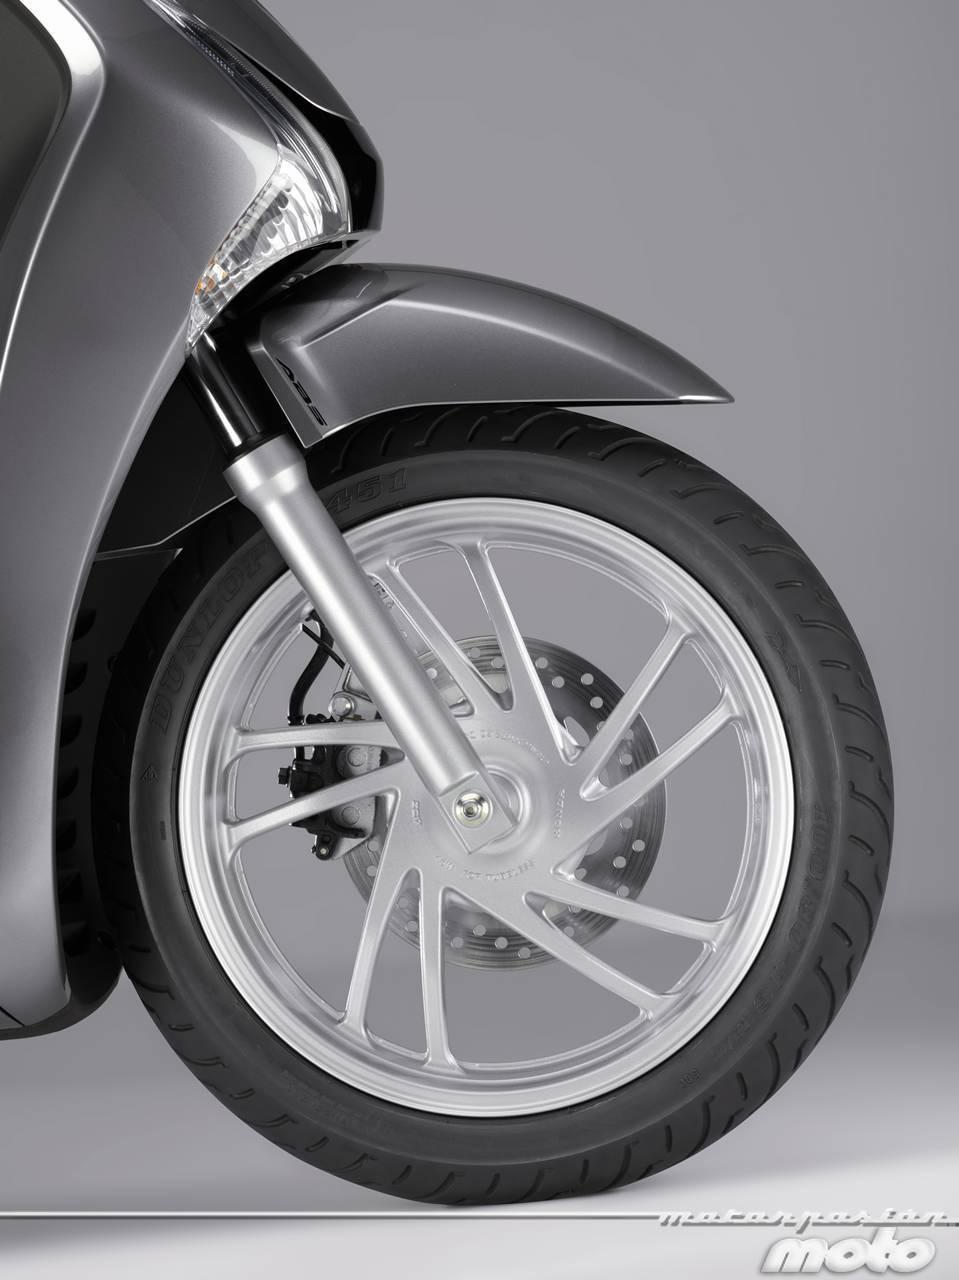 Foto de Honda Scoopy SH125i 2013, prueba (valoración, galería y ficha técnica)  - Fotos Detalles (47/81)